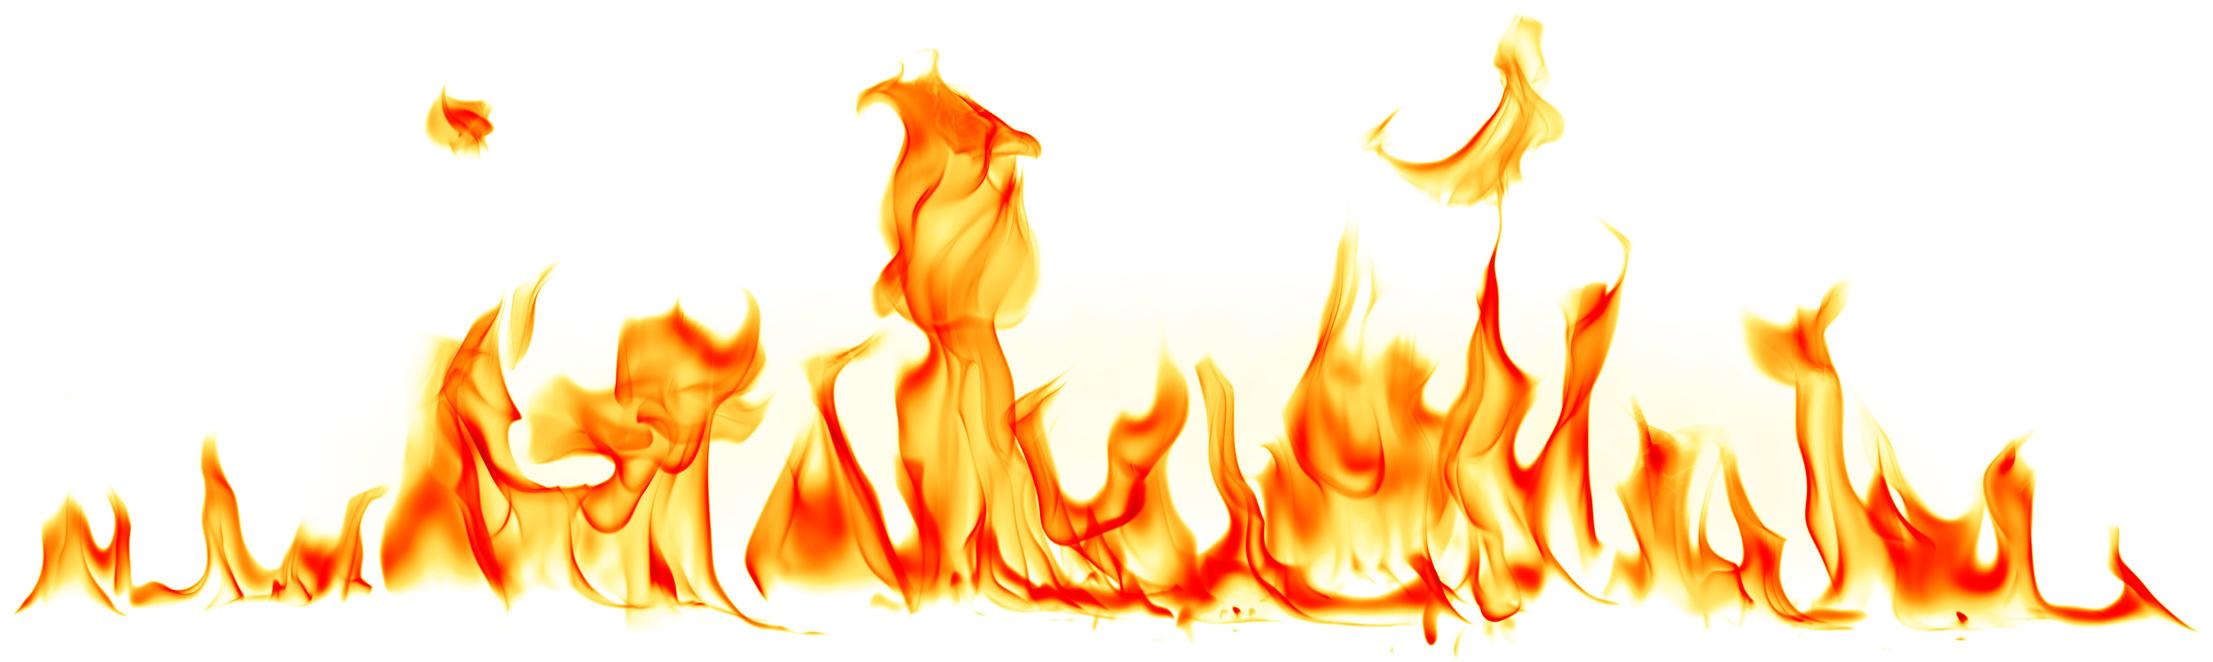 Vektorillustrationset Feuer Flammen Symbole Verschiedener Formen Auf Dem  Transparenten Hintergrund In Flachen Cartoonstil Stock Vektor Art und mehr  Bilder von Abstrakt - iStock